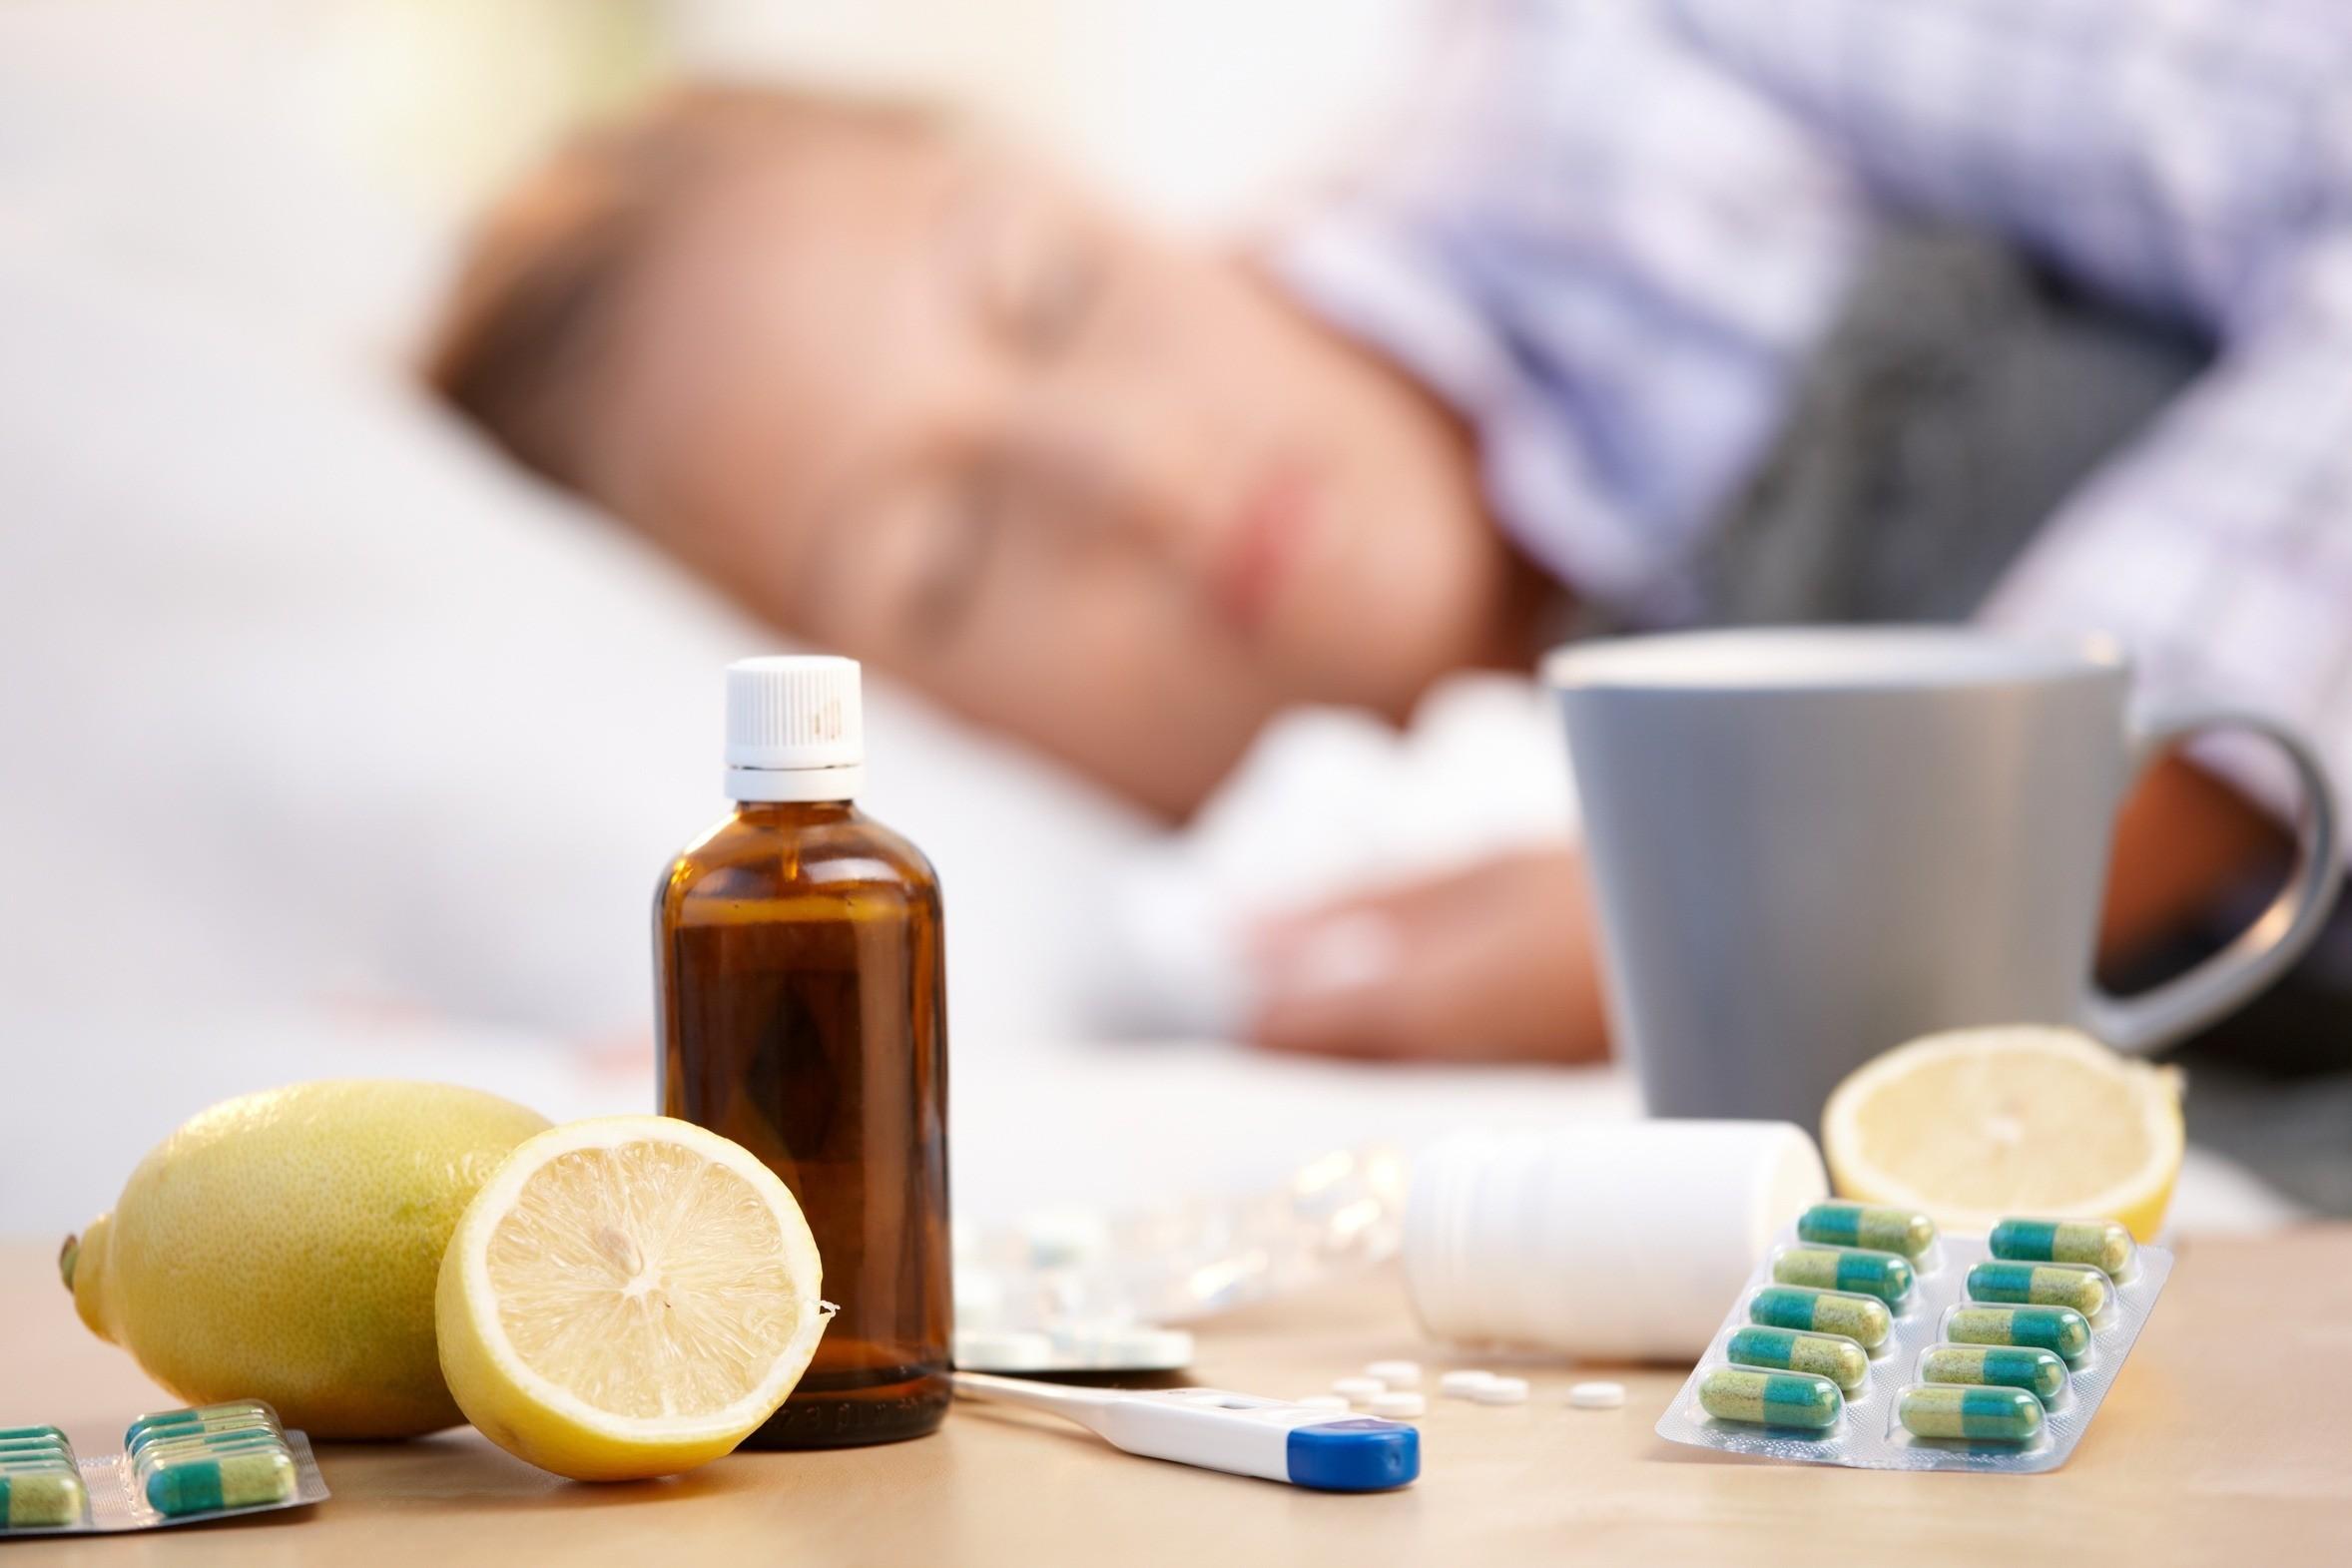 Я не болен, я простыл! 5 мифов, которые порождают эпидемии